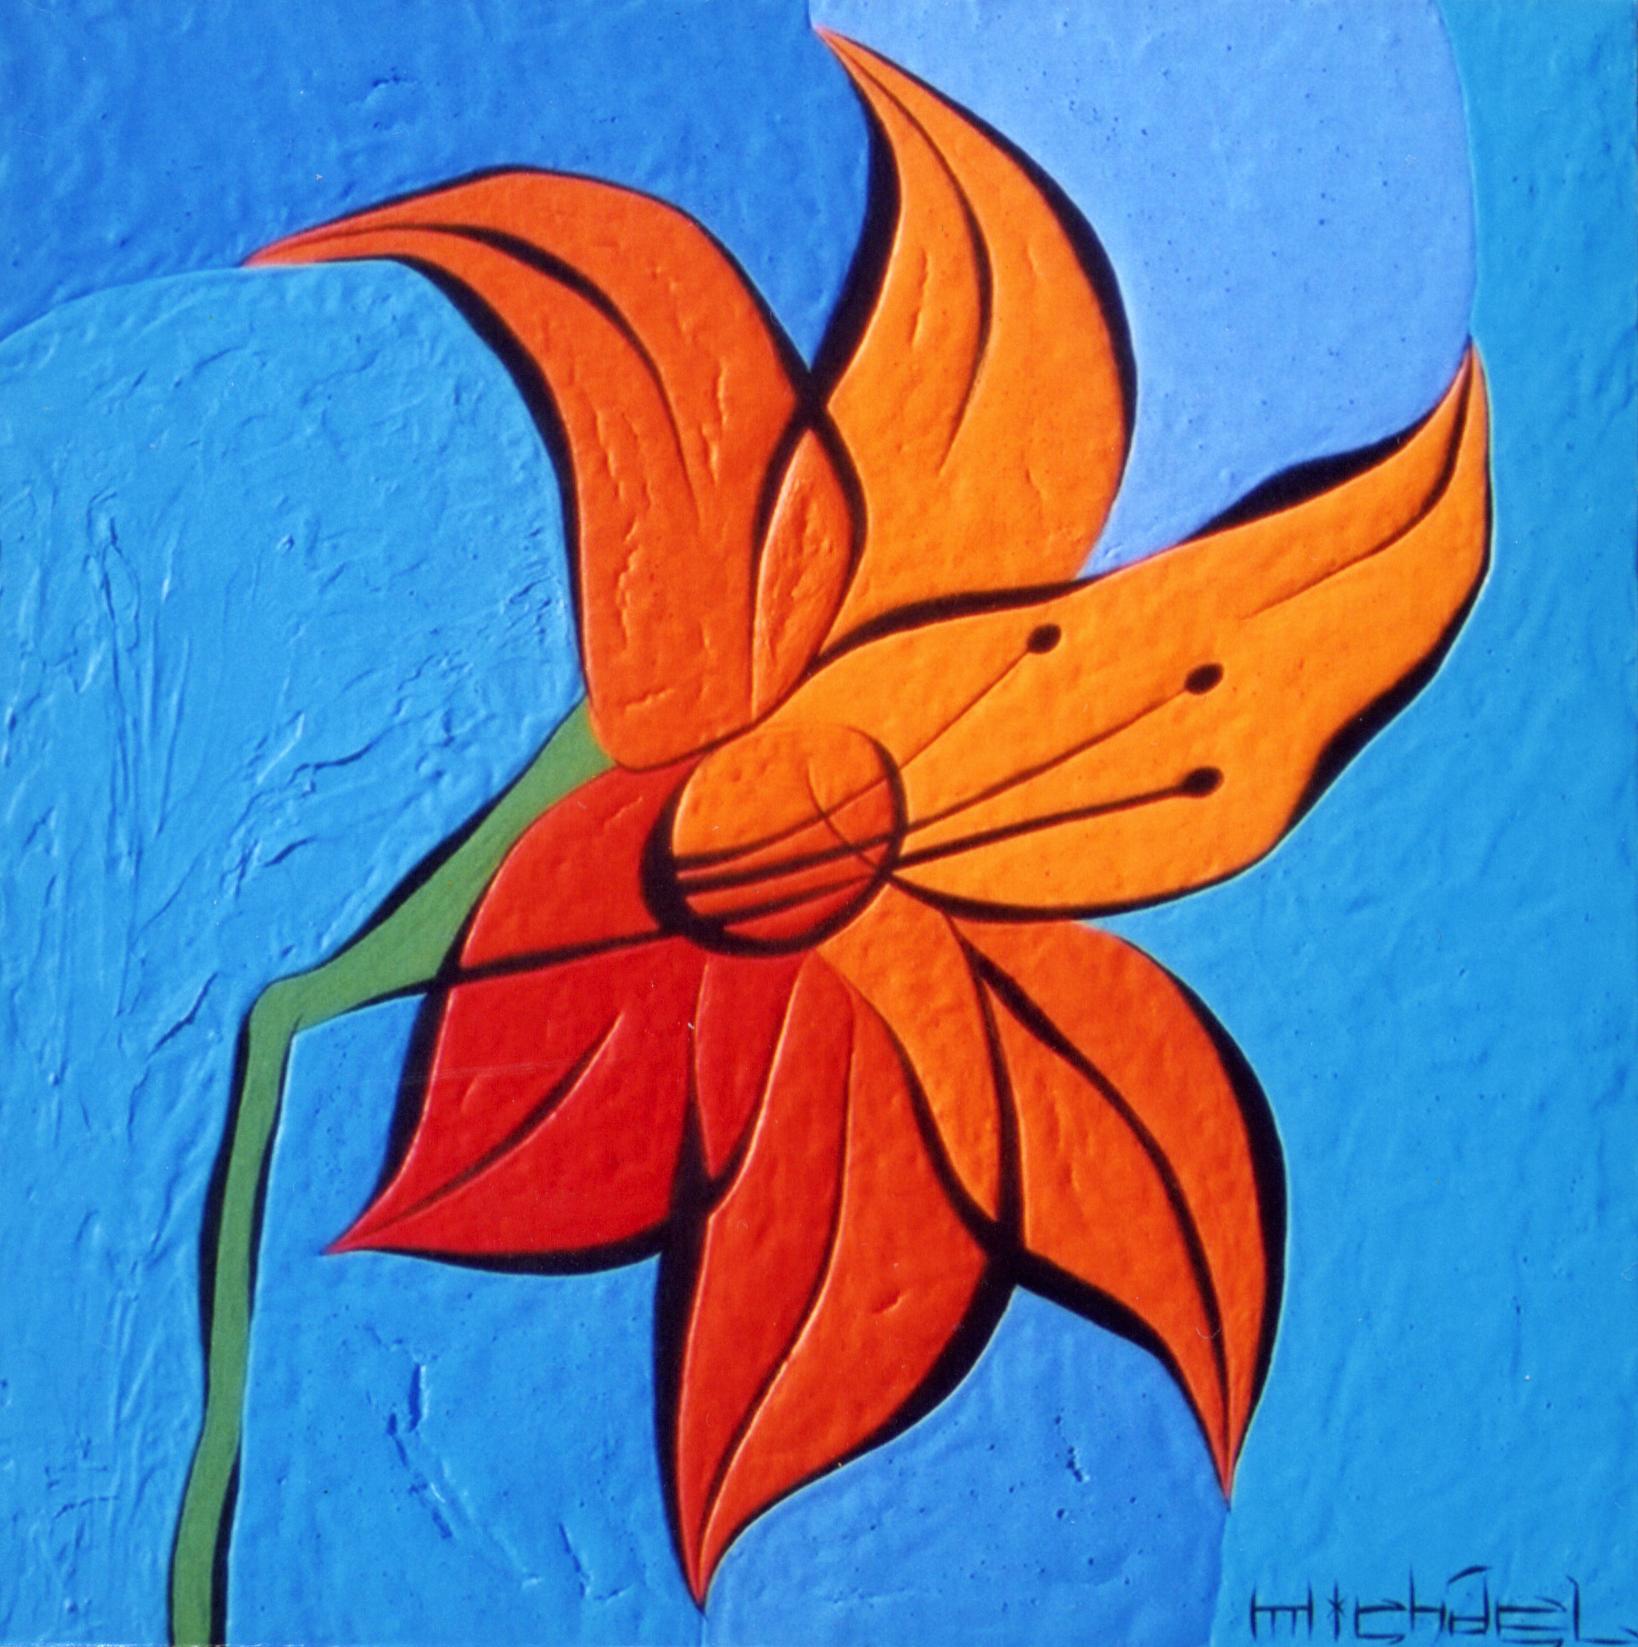 Lily No. 1